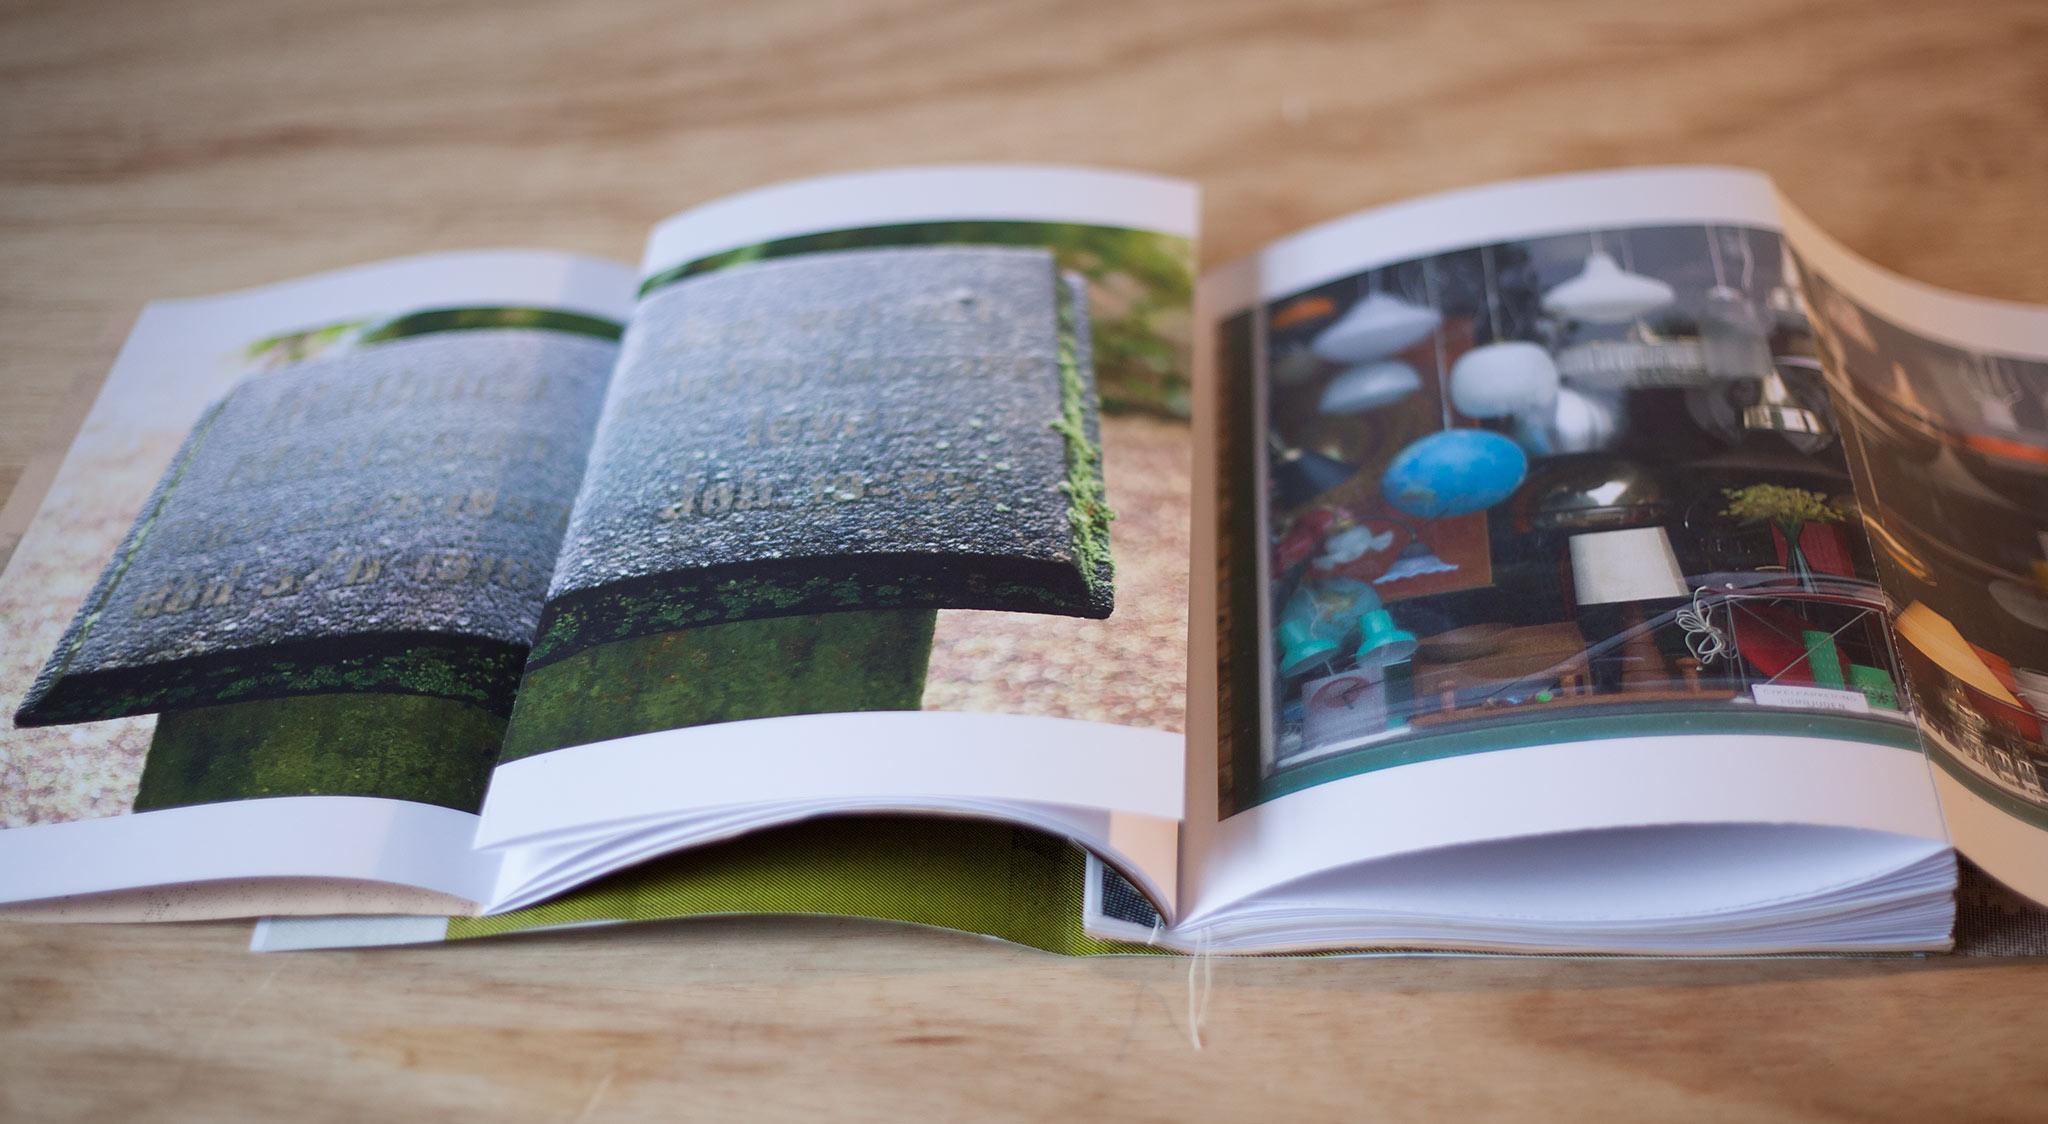 paula-roush-nothing-to-undo-photobook-17